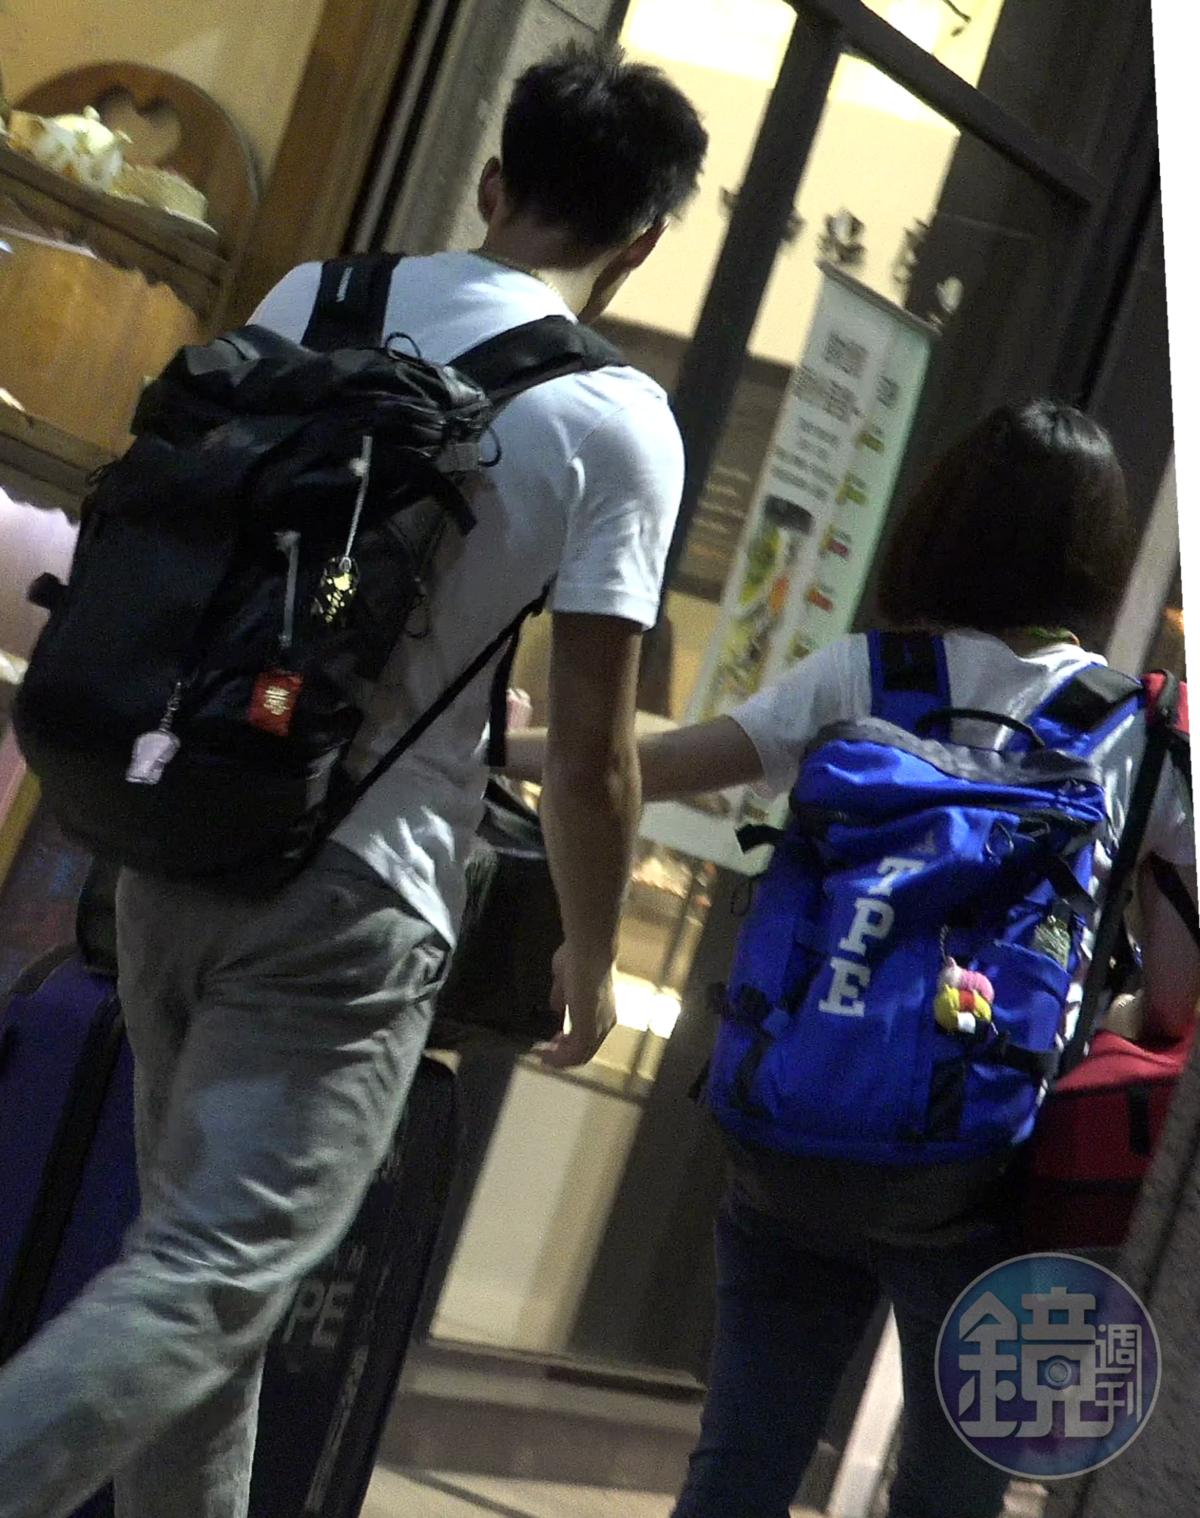 6/30 20:21 晚間8點多,楊俊瀚(左)和張旖旂拖著行李走出家門。